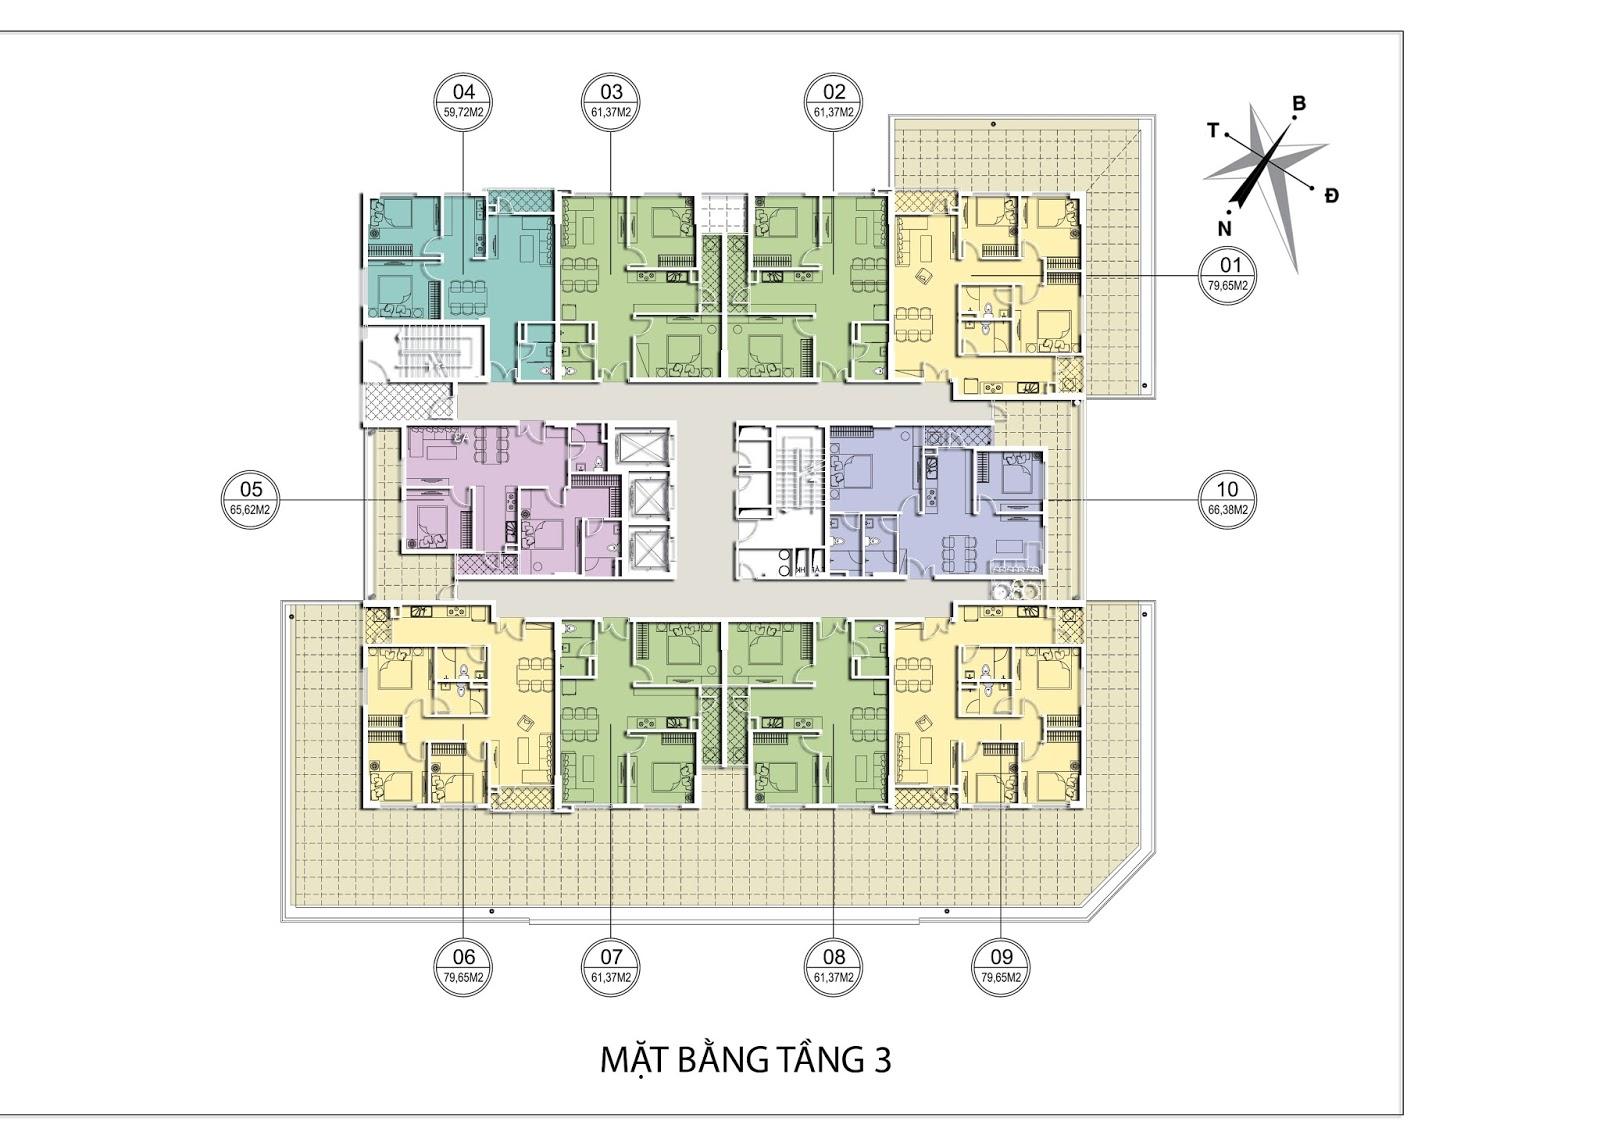 Thiết kế mặt bằng tầng 3 Chung cư Valencia Garden Long Biên